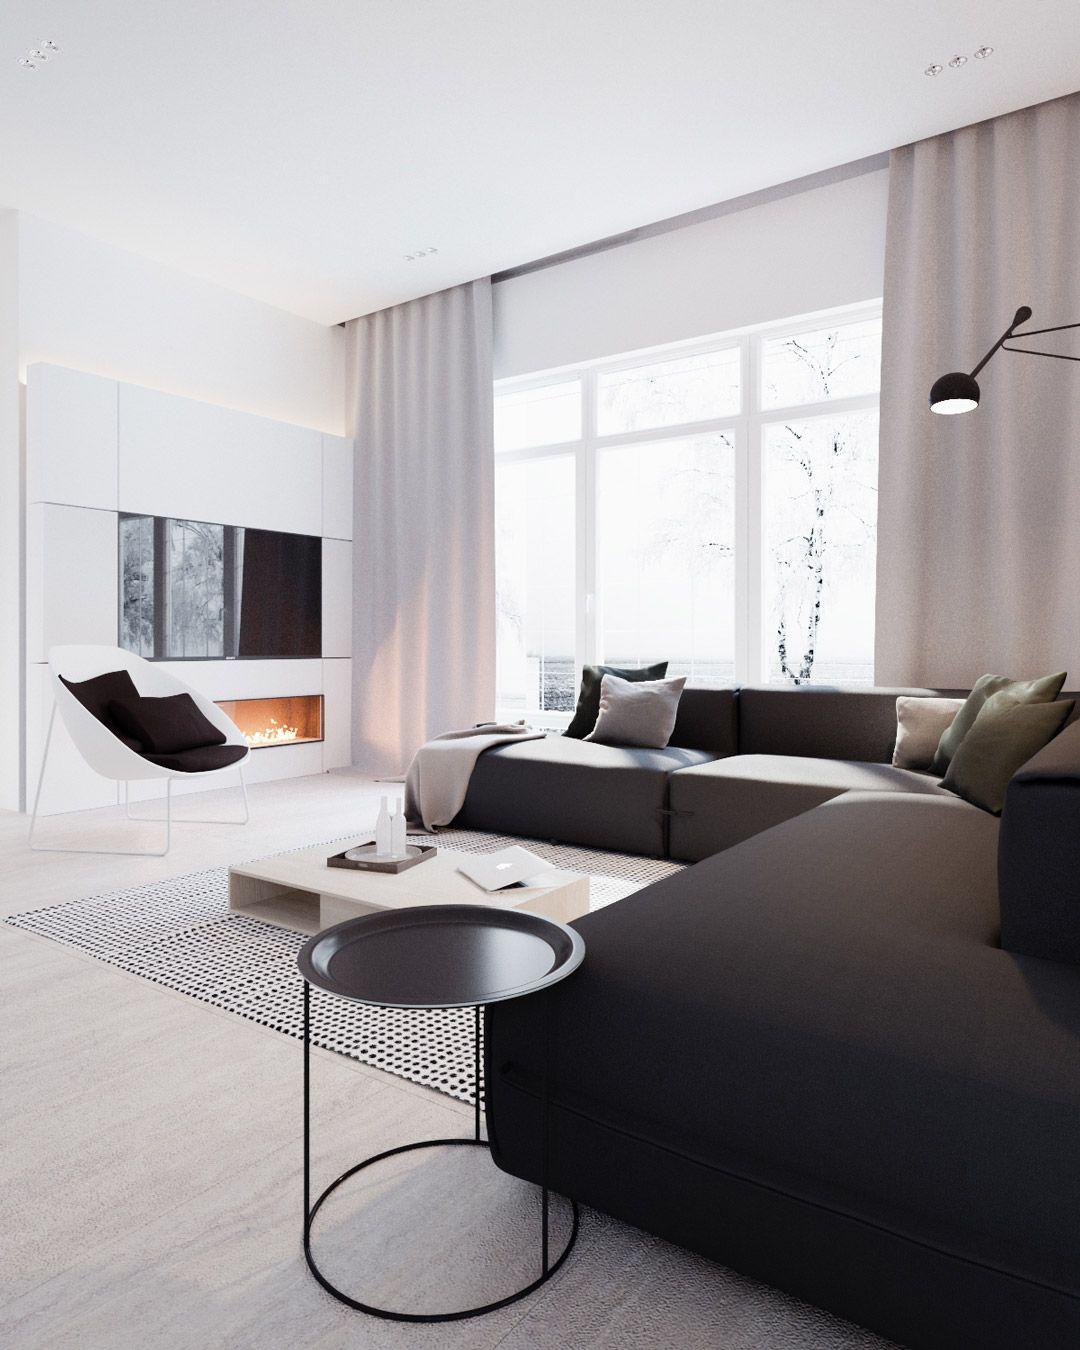 Soggiorni moderni 100 idee e stile per il soggiorno for Colori pareti salotto moderno